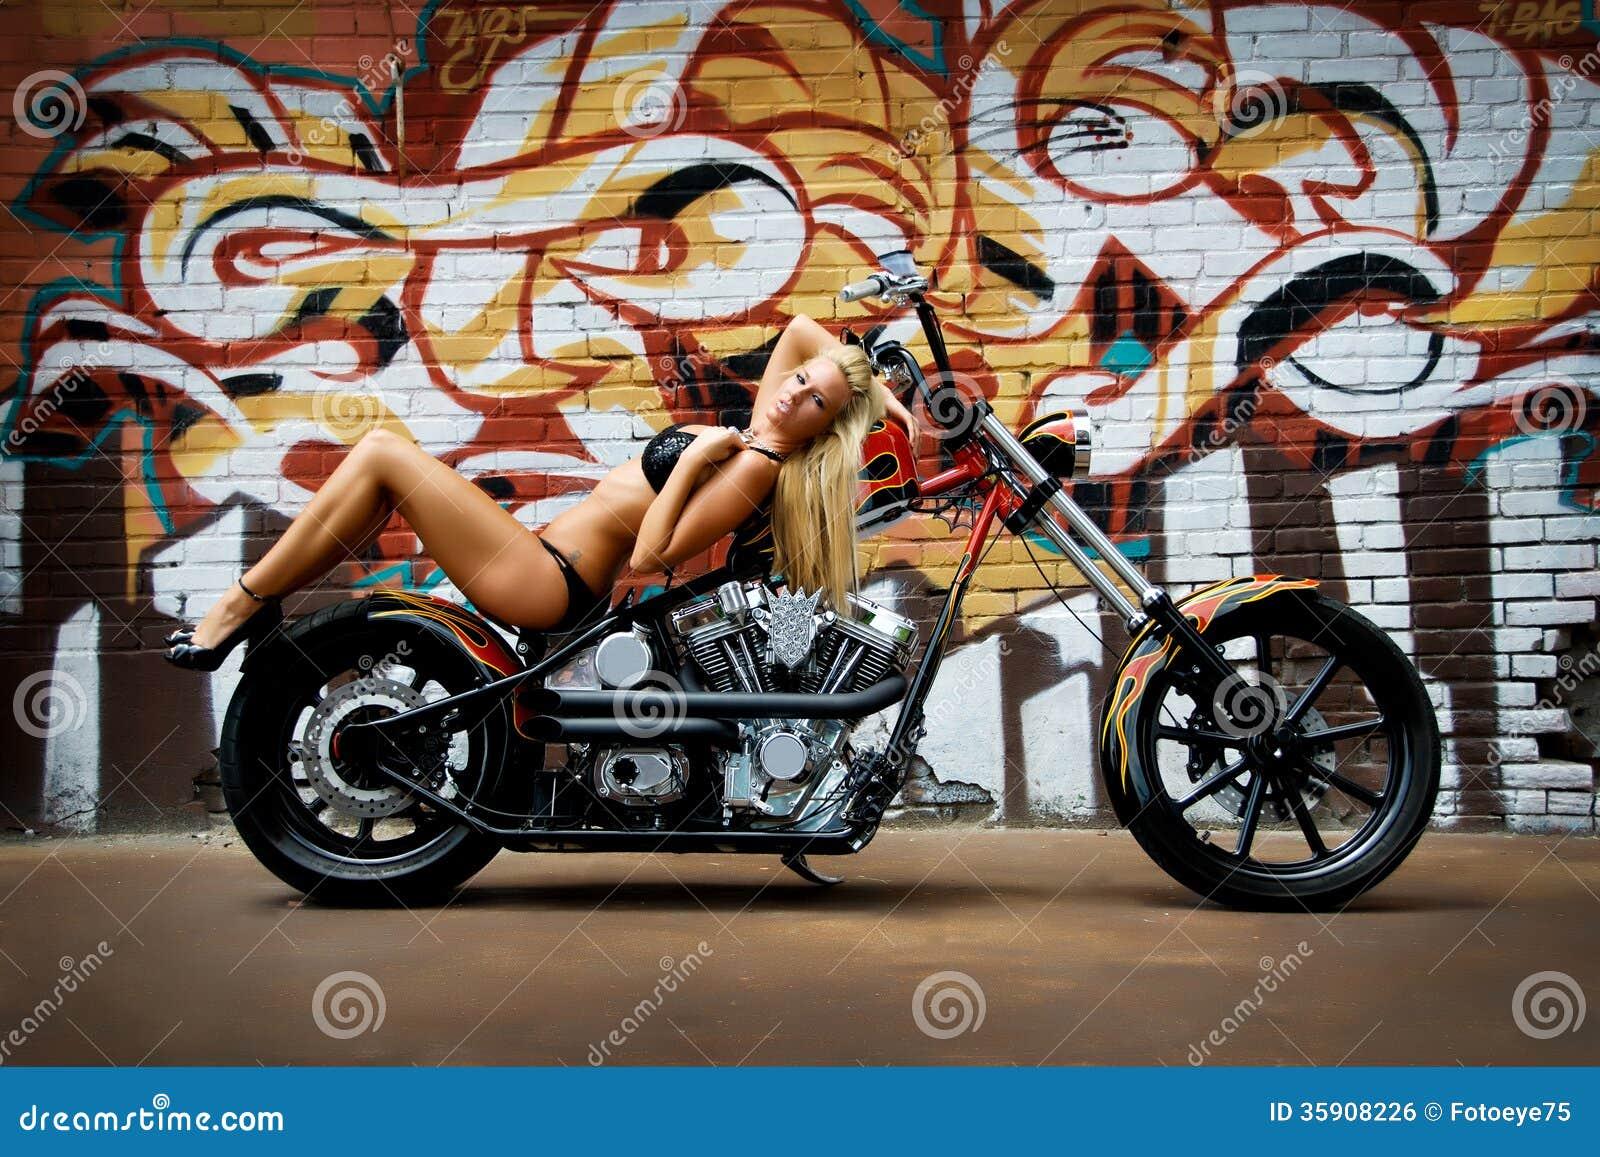 Мотоцикл и модель в бикини